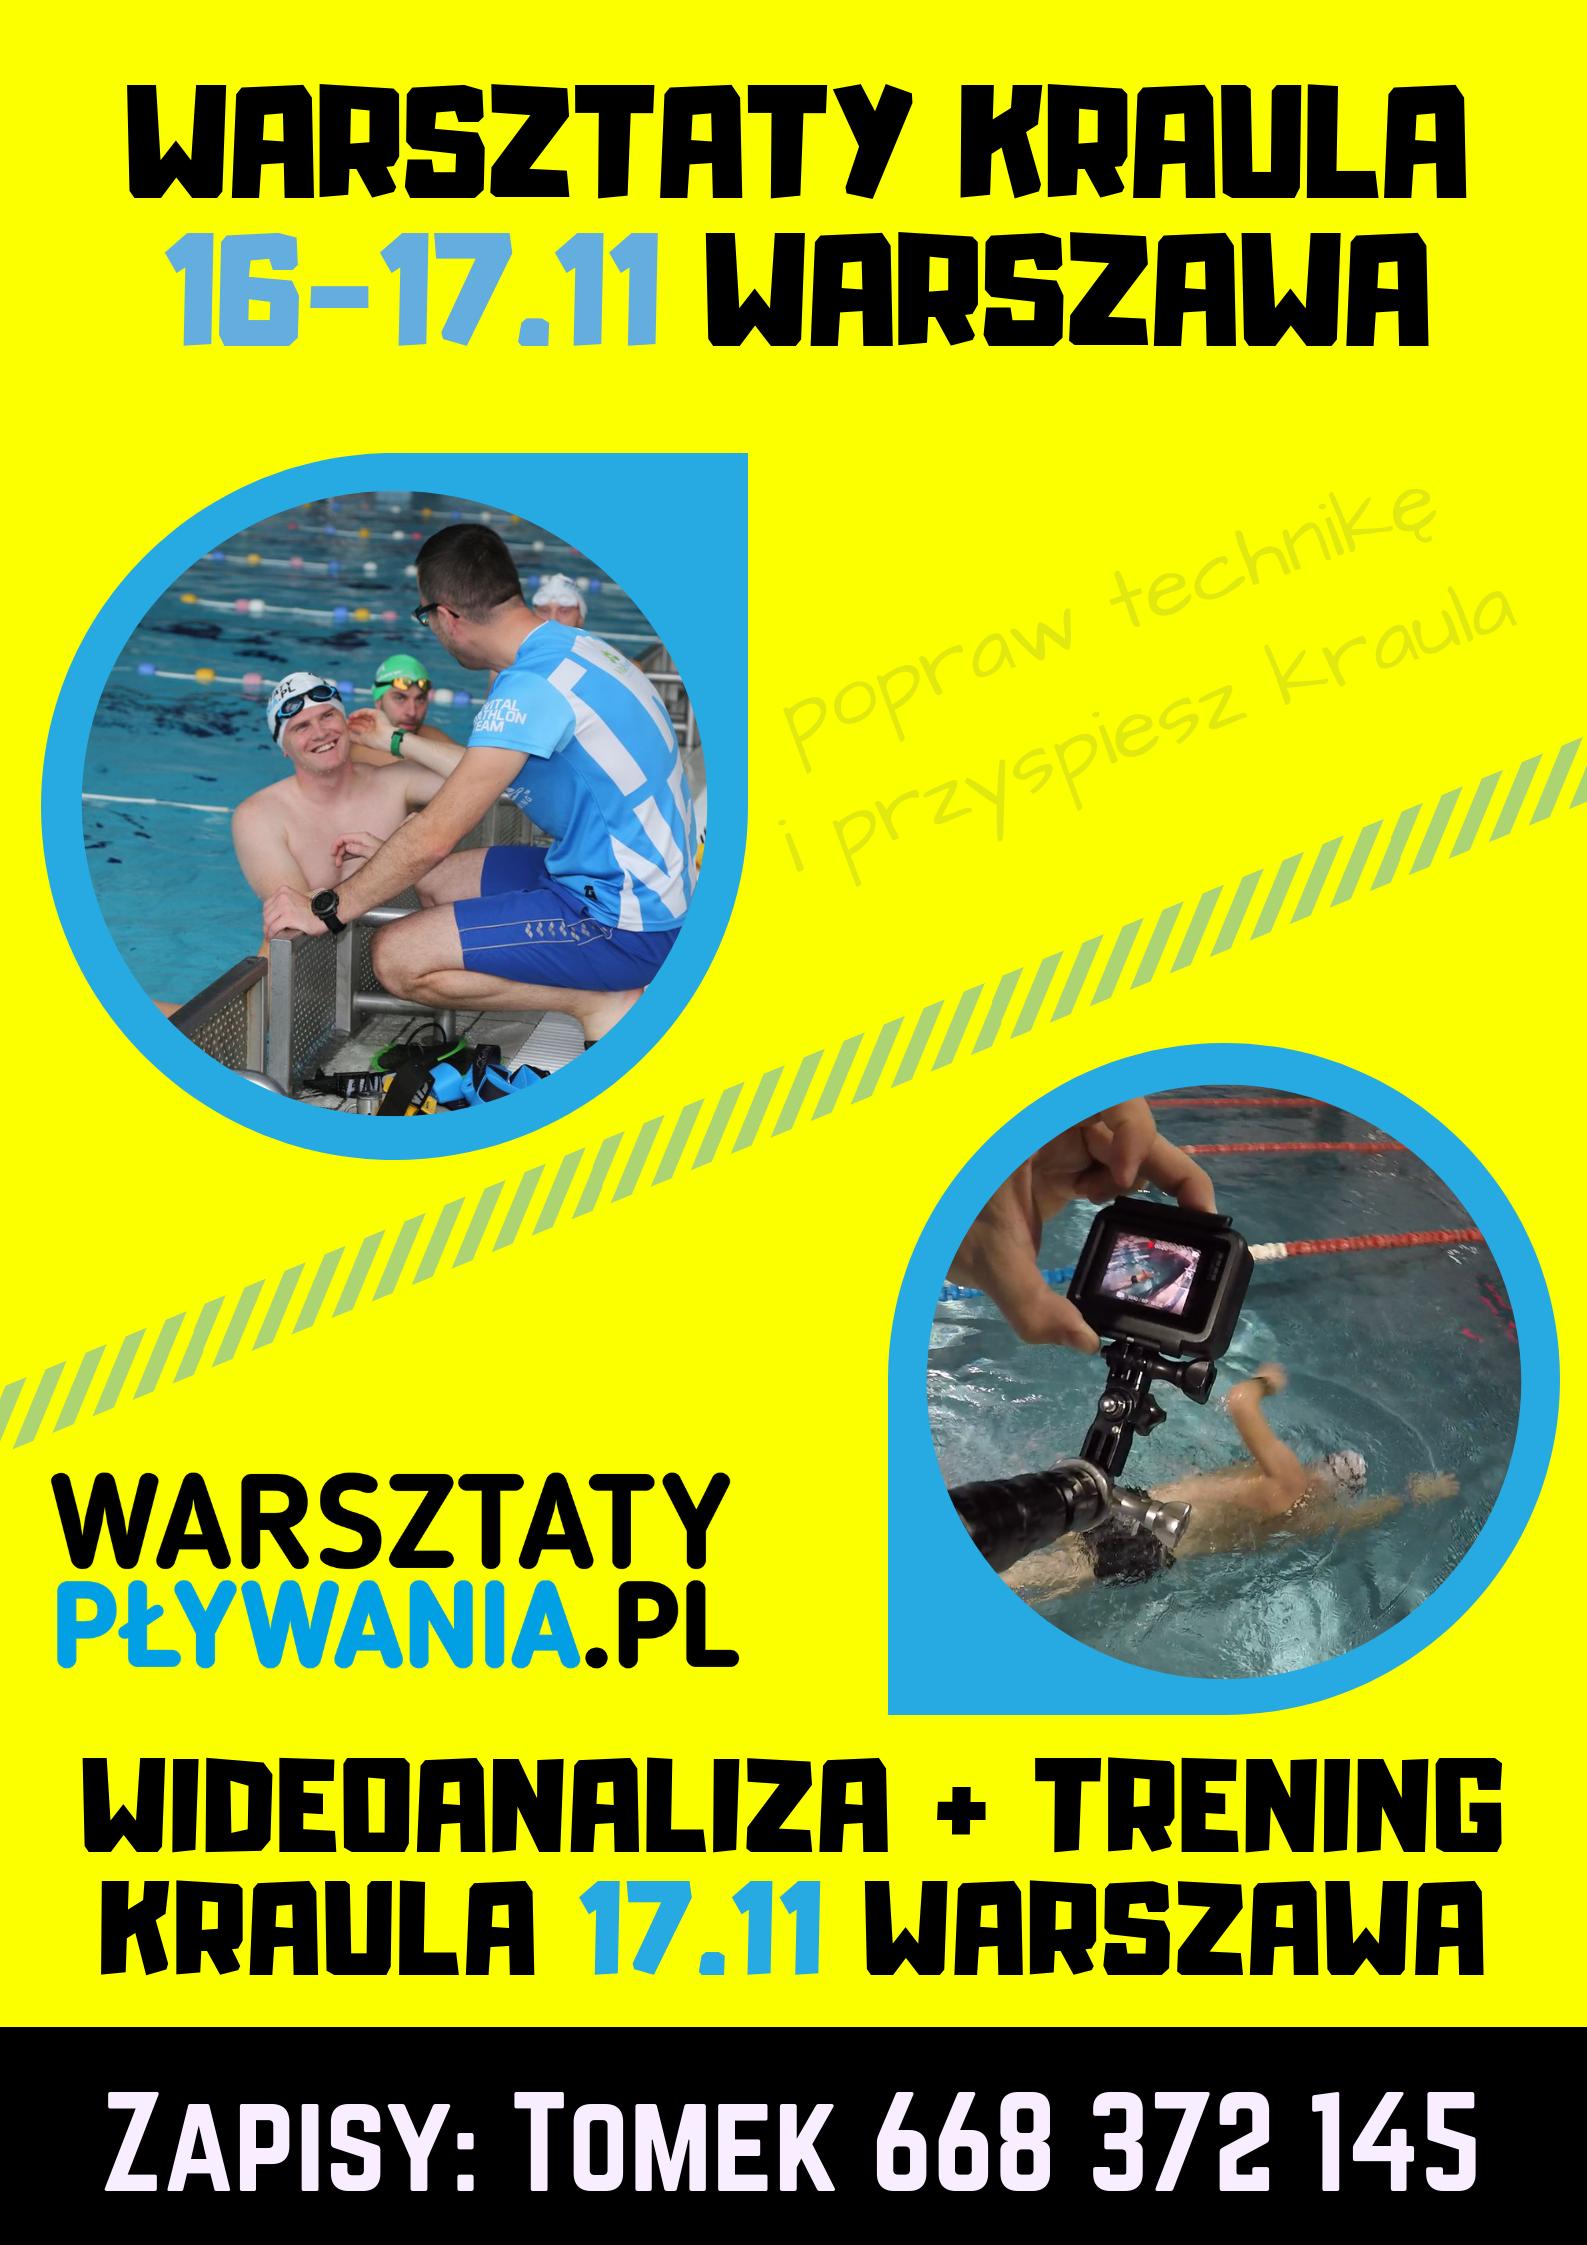 Logo Zawodów Warszawa: 4h Trening z wideoanalizą kraula 17.11.2019 | wideoanaliza.pl